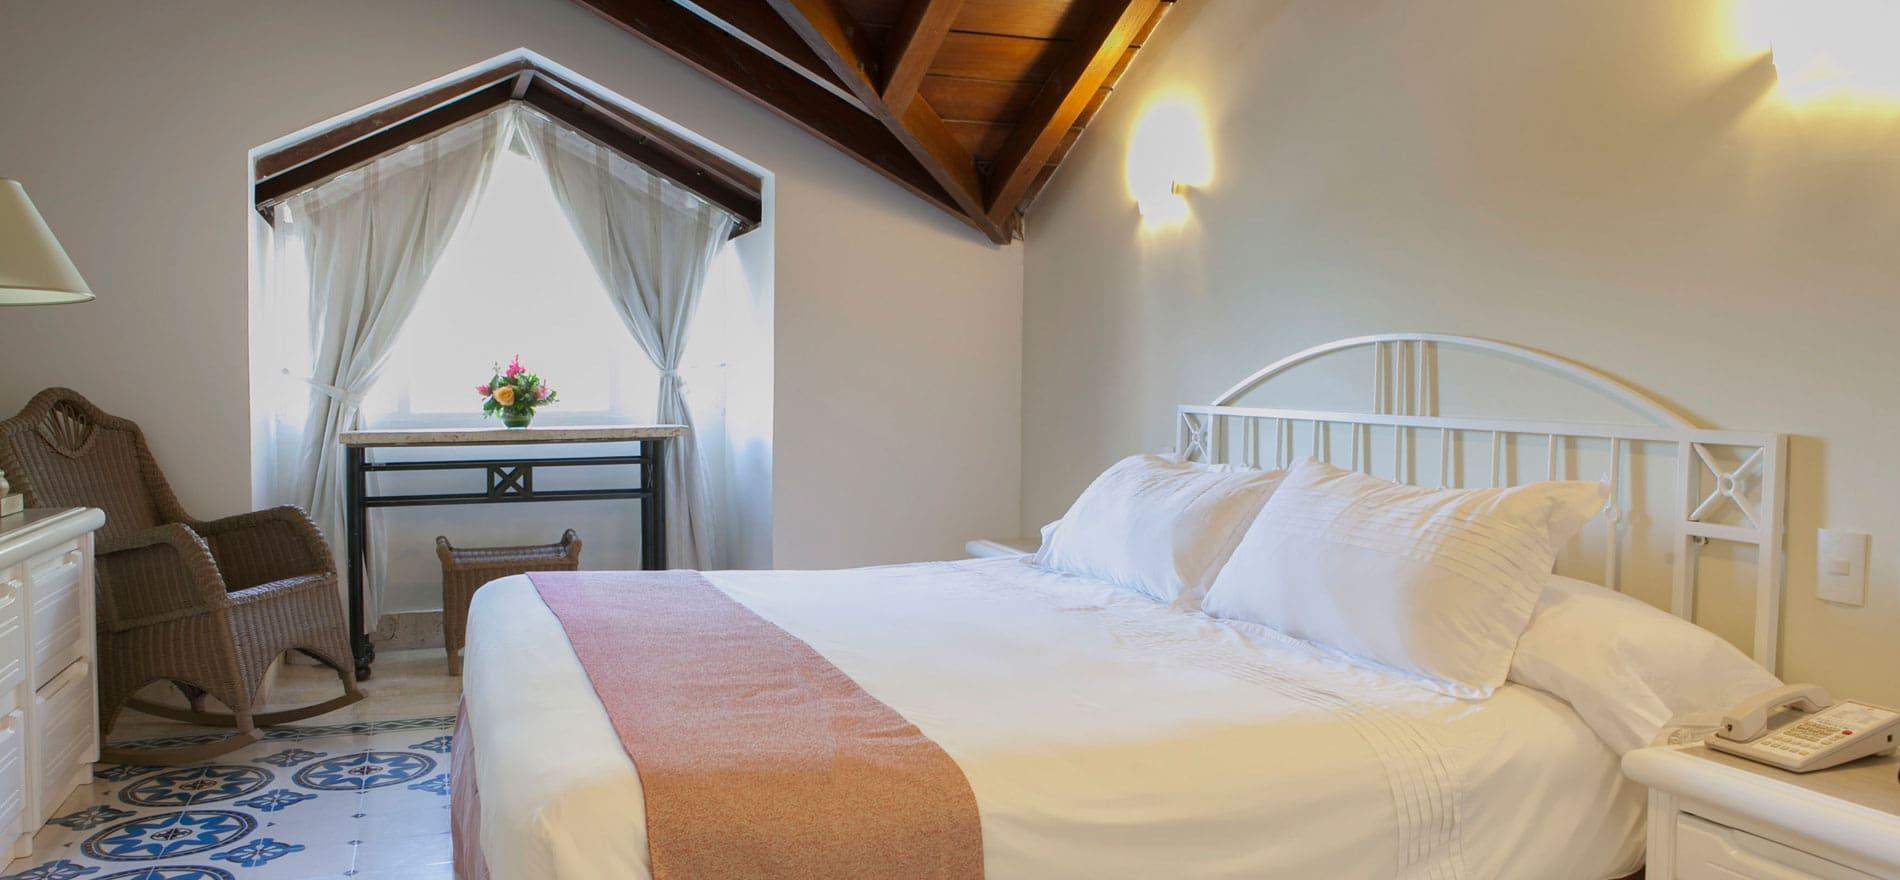 Habitaciones en cartagena Duplex en el hotel Casa de Playa